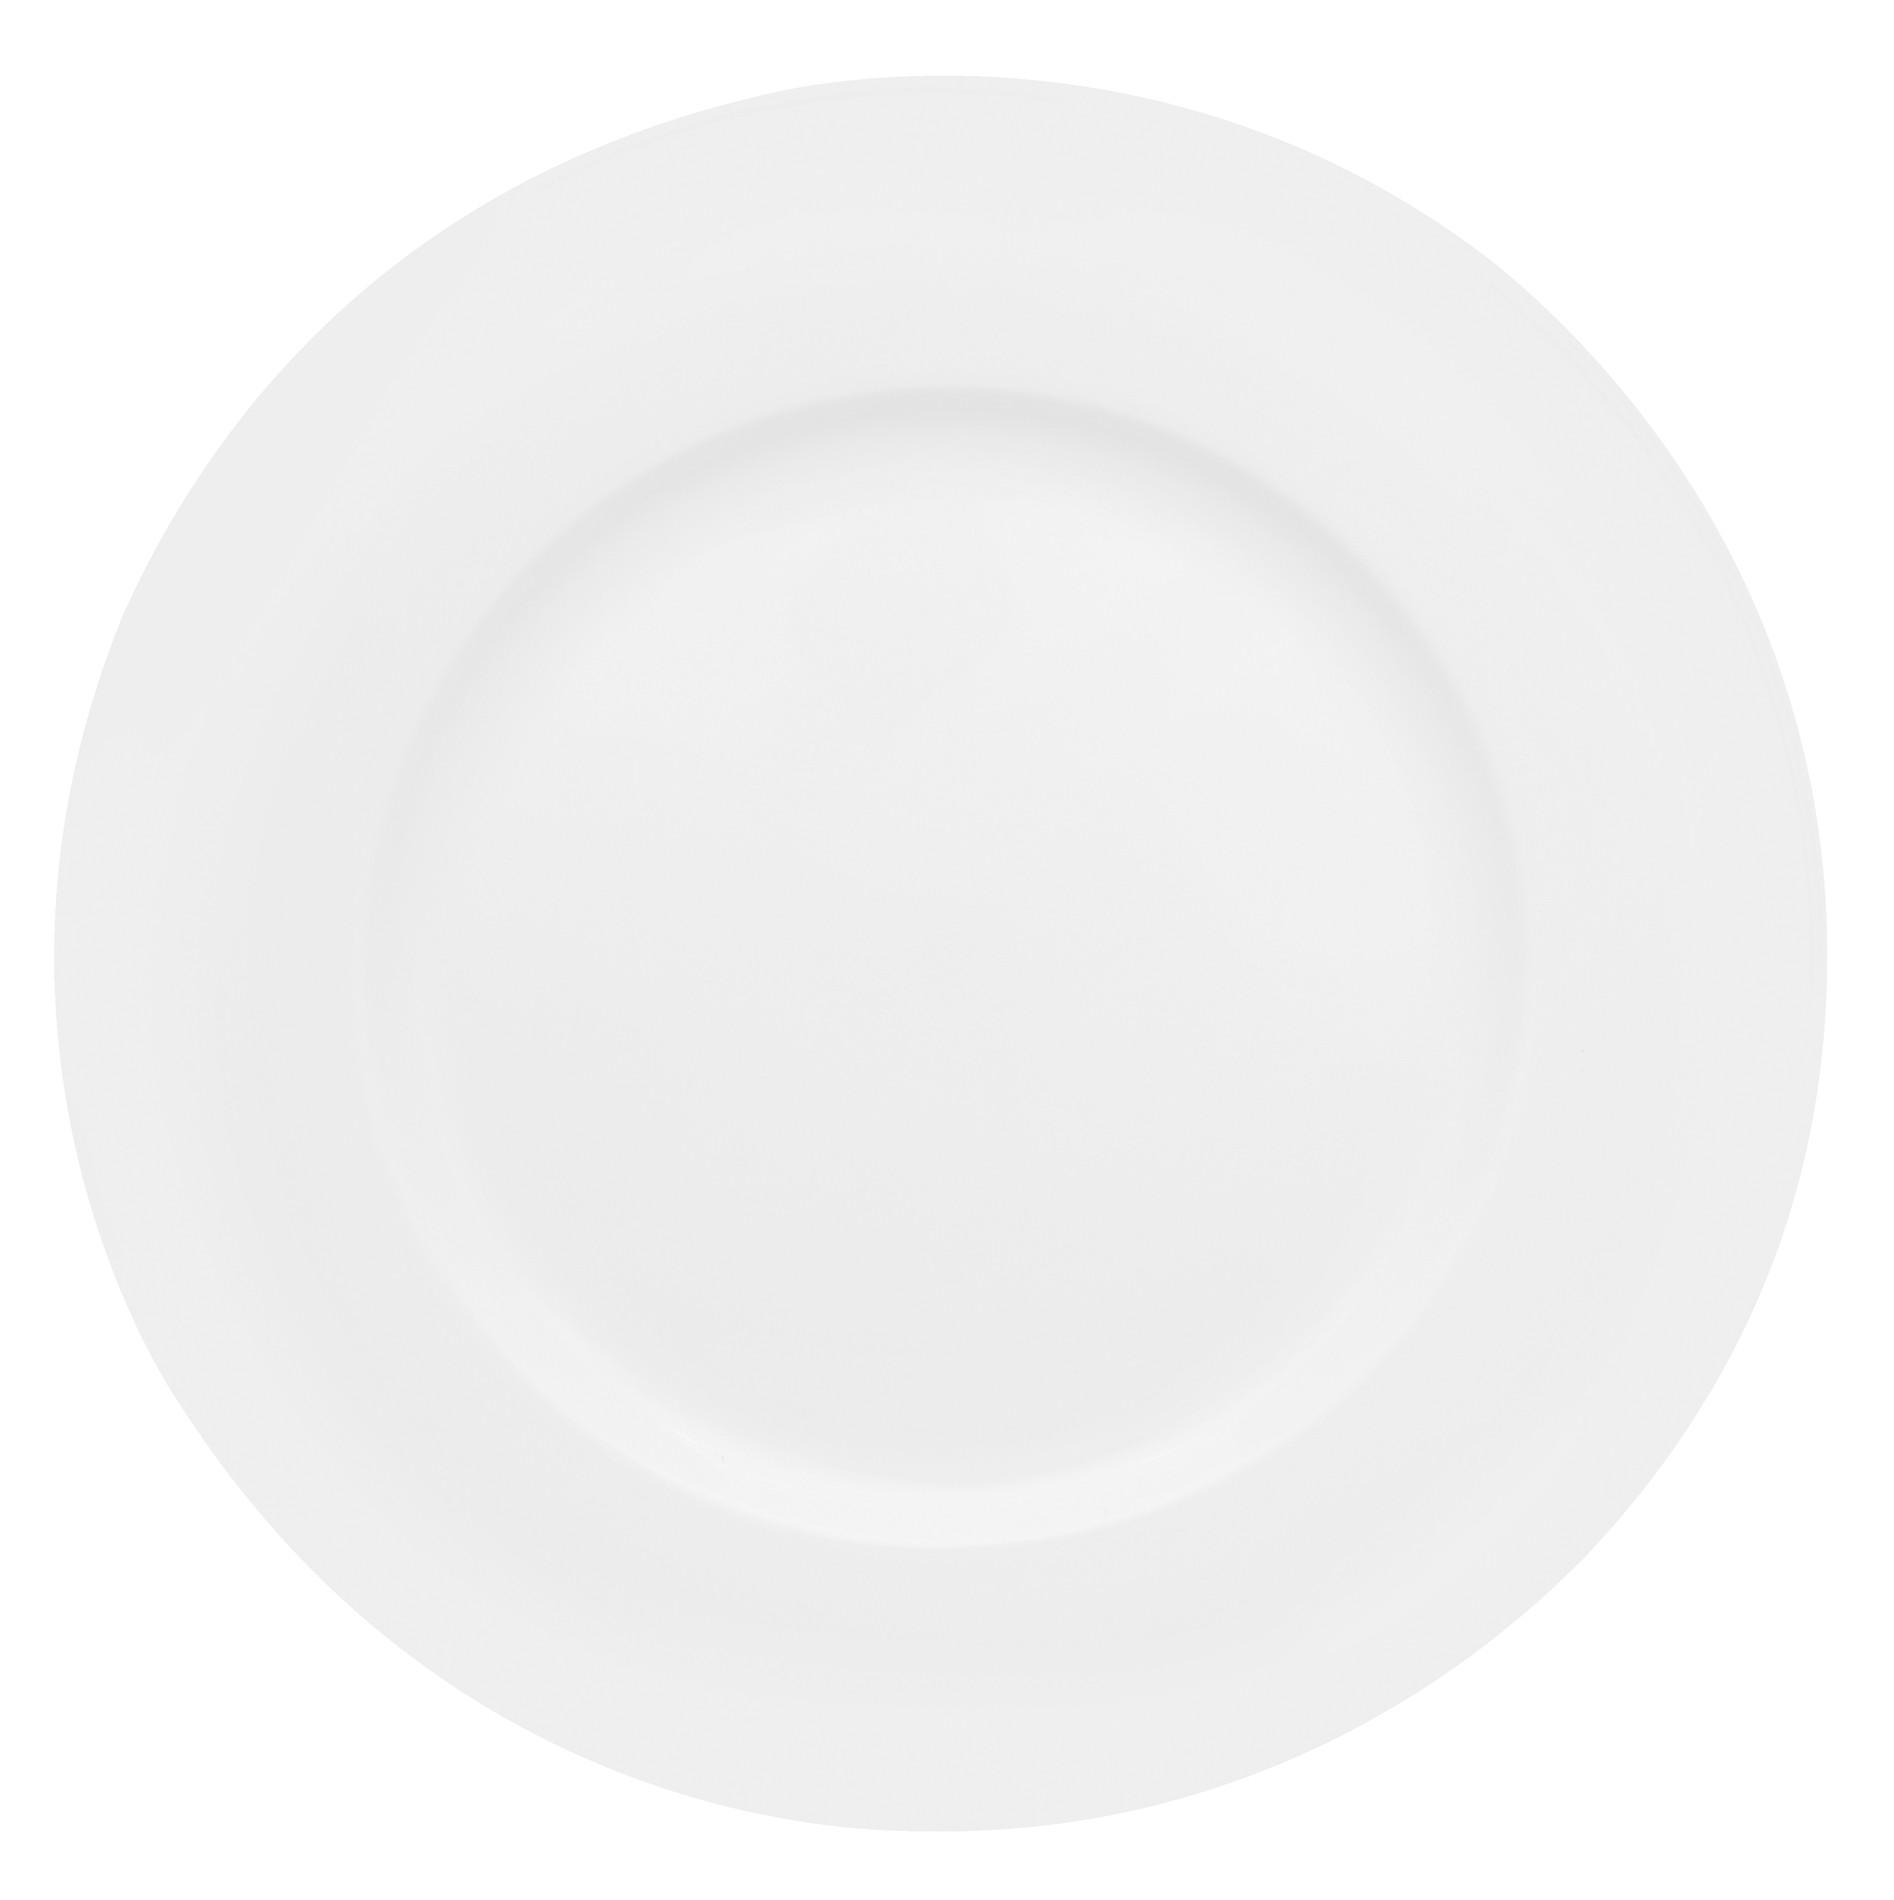 Πιάτο Γλυκού Σετ 6Τμχ Silk Bone China 18.5cm Ionia home   ειδη σερβιρισματος   πιάτα